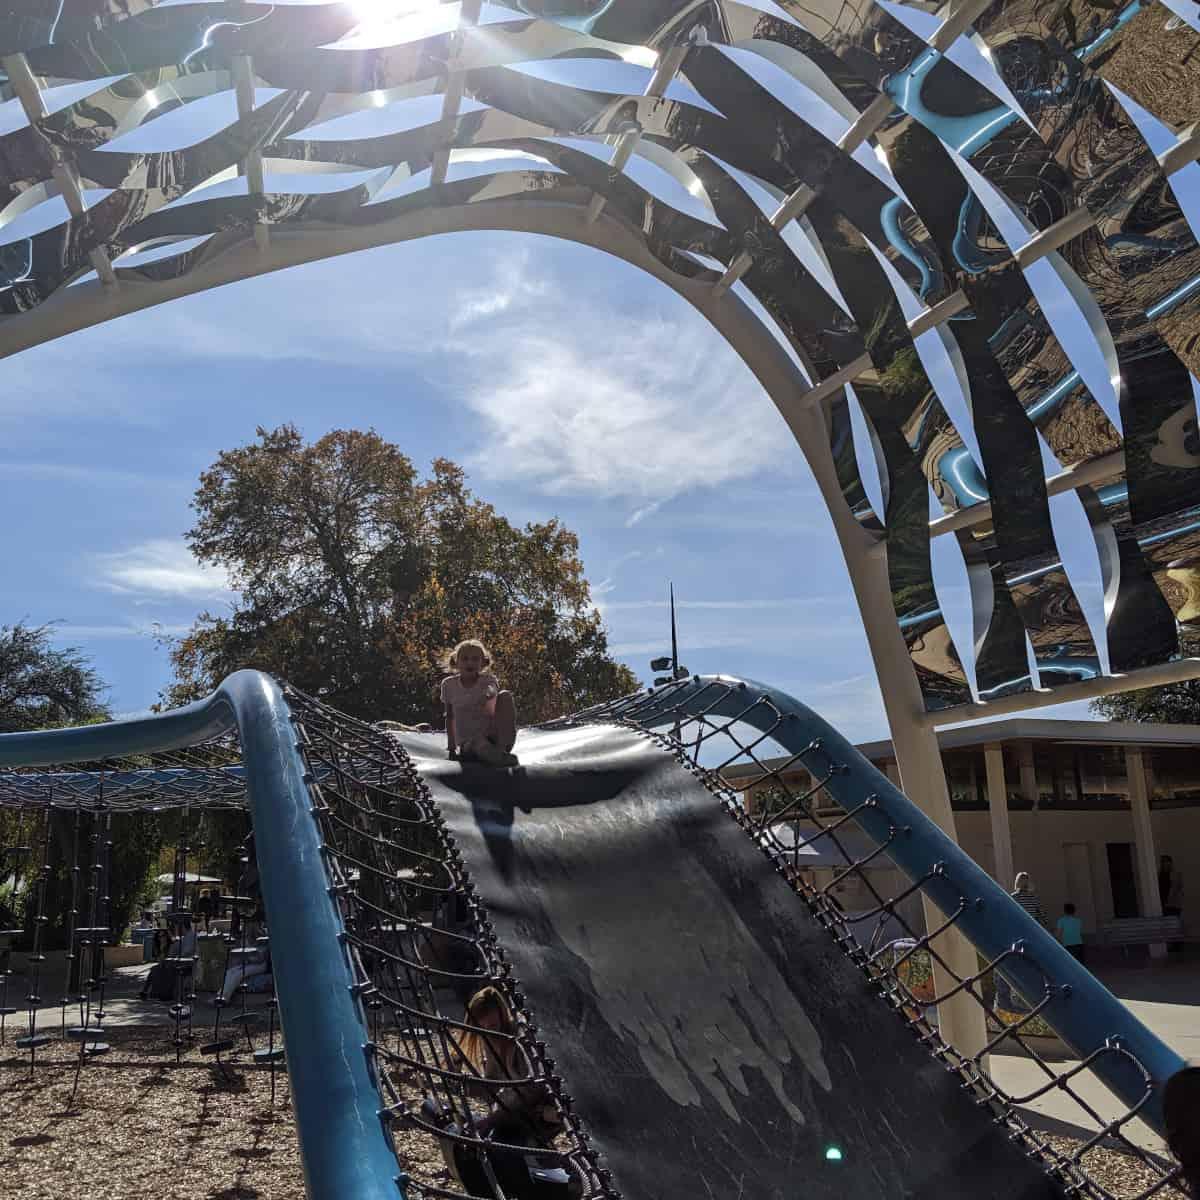 San Antonio Hemisfair Park Playground